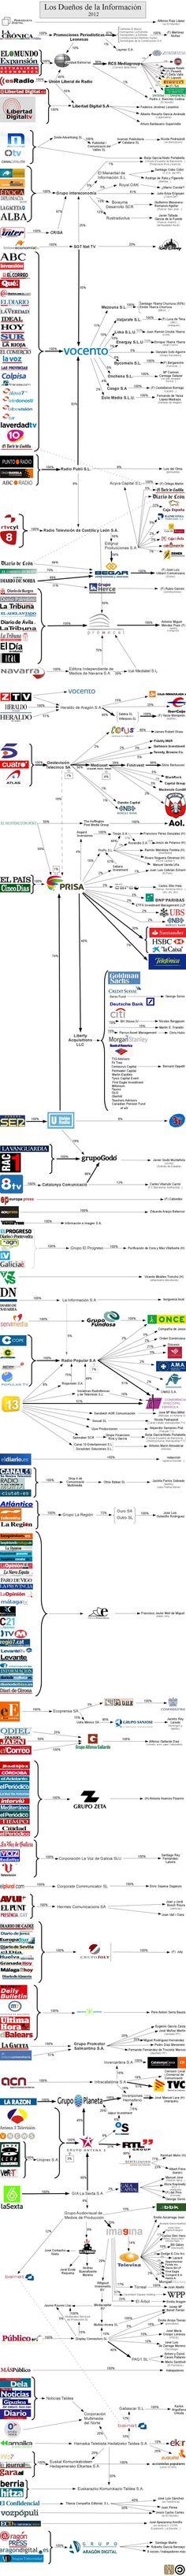 News media schema